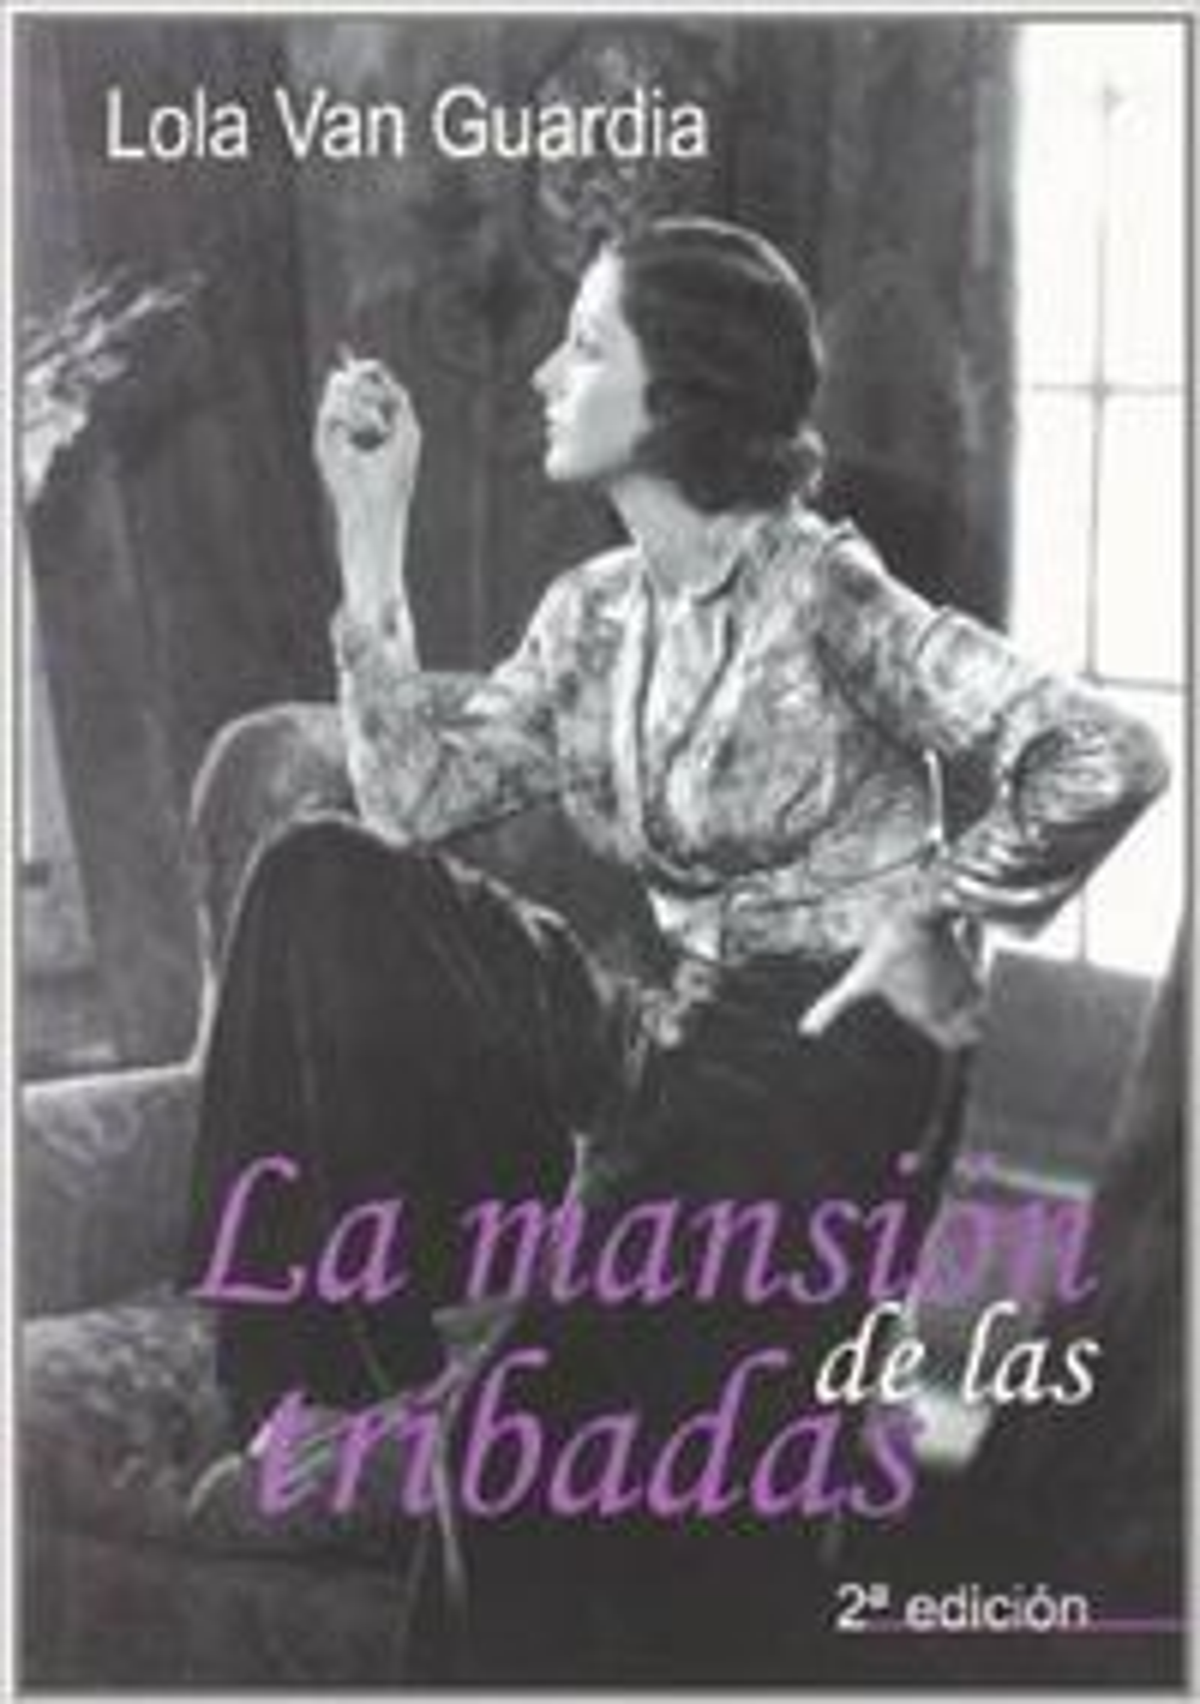 La mansión de las tr¡badas - 2a. Edición 9788495346261